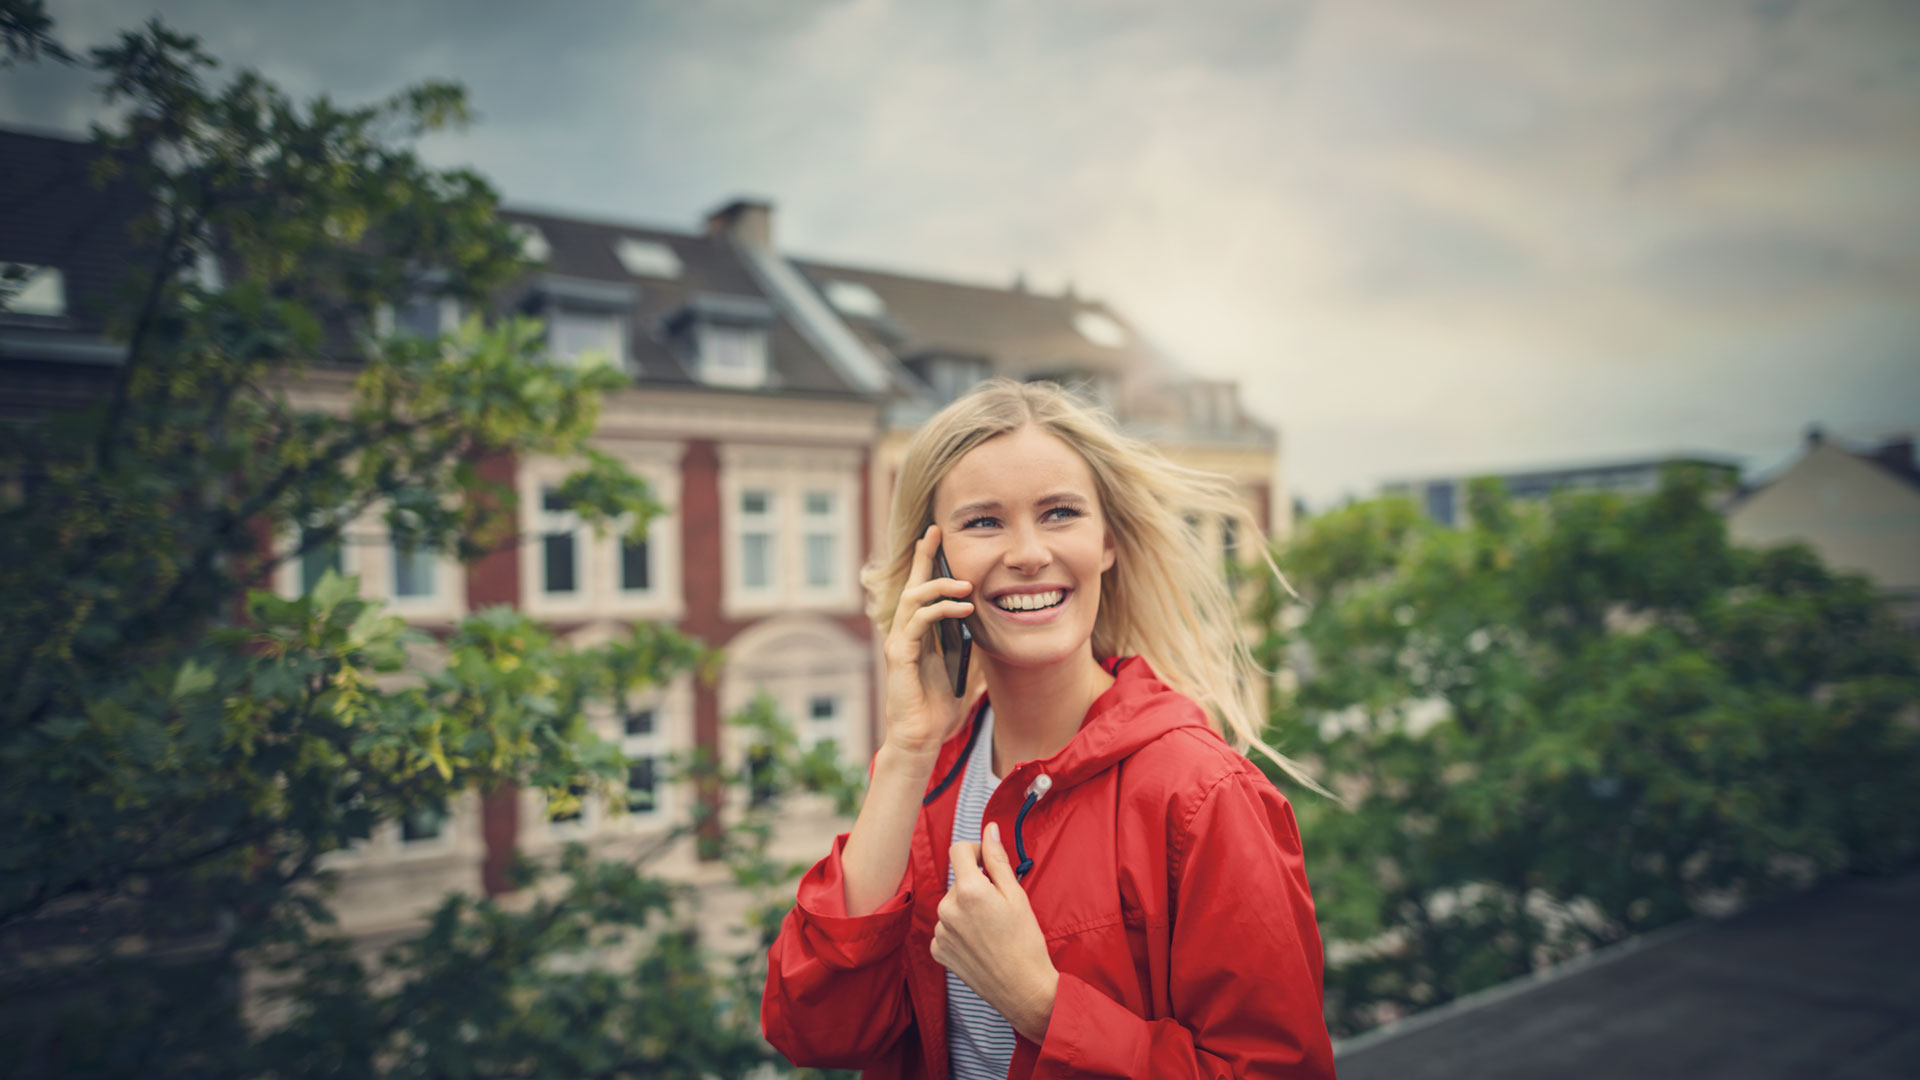 Eine Frau mit roter Jacke steht auf einem Dach und telefoniert lachend.